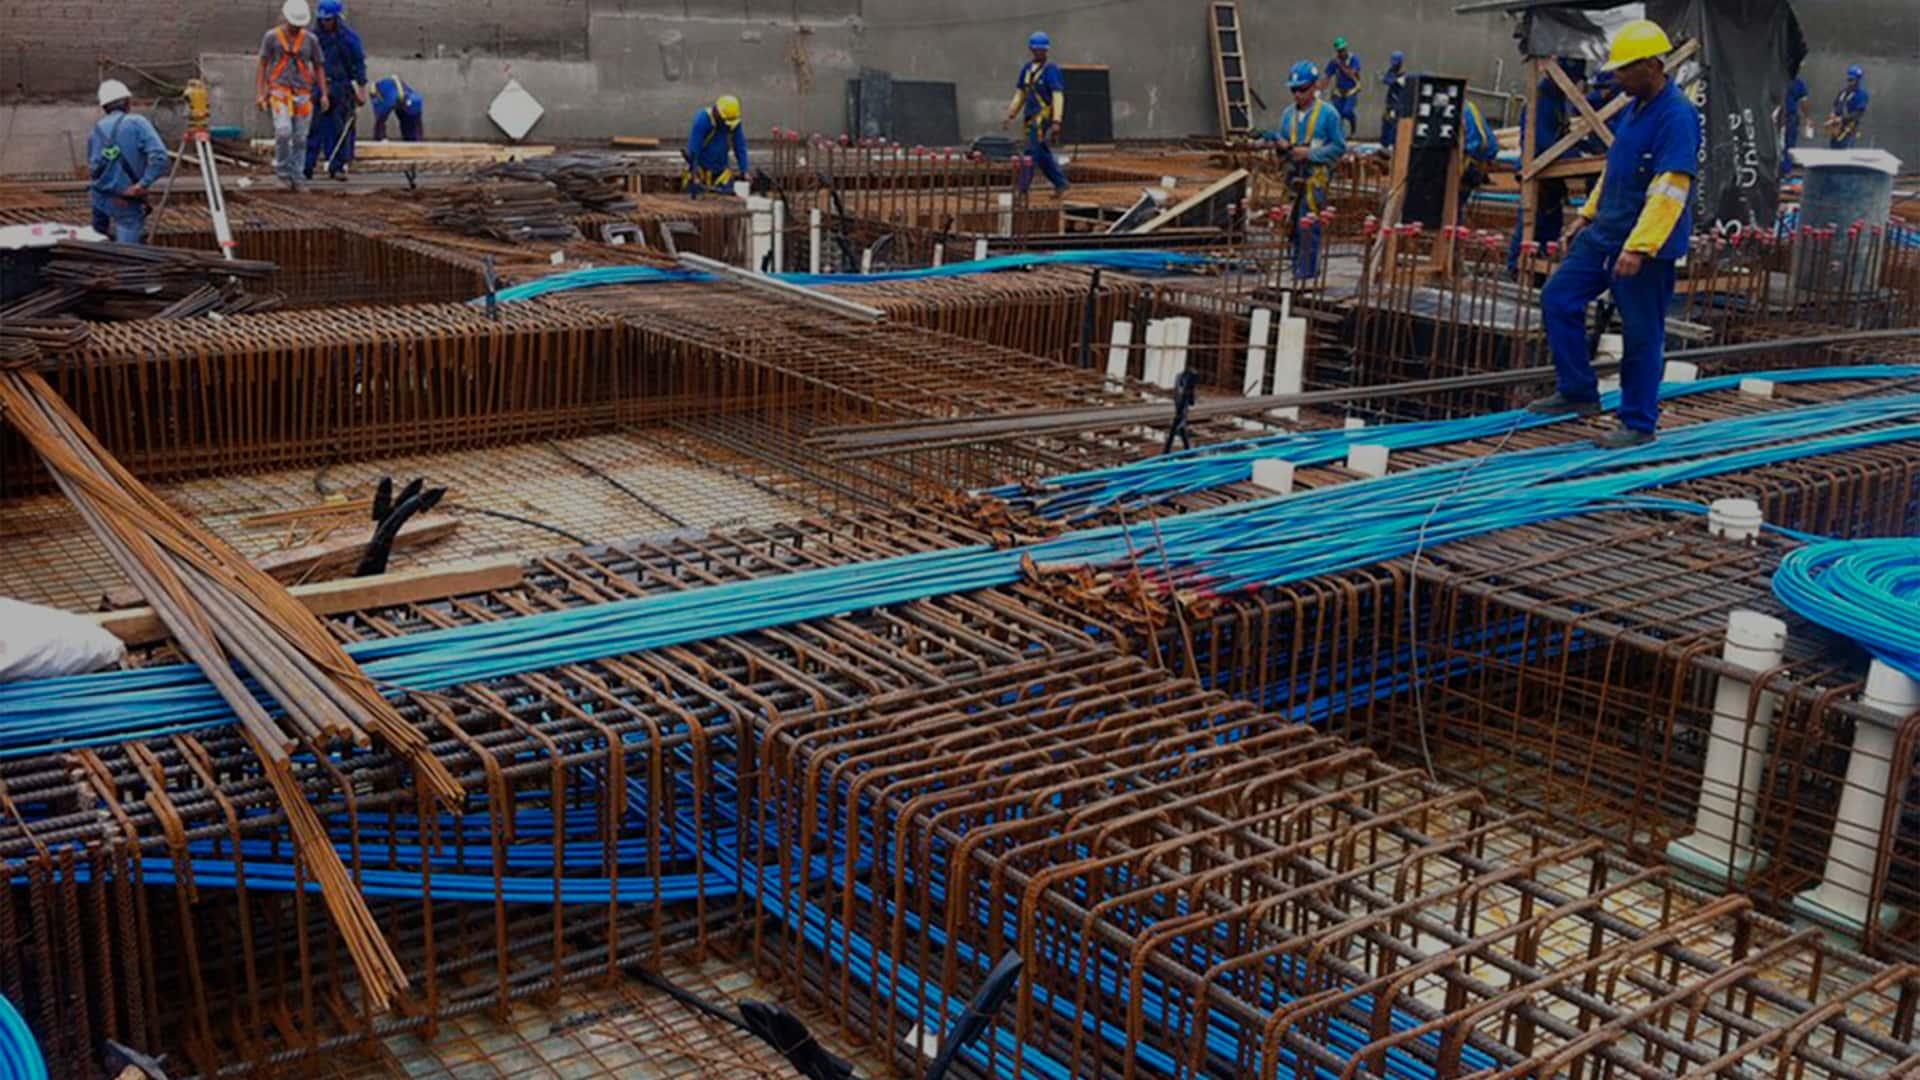 Construtora-Naves-Armacao-de-Concreto-Reforcado-01